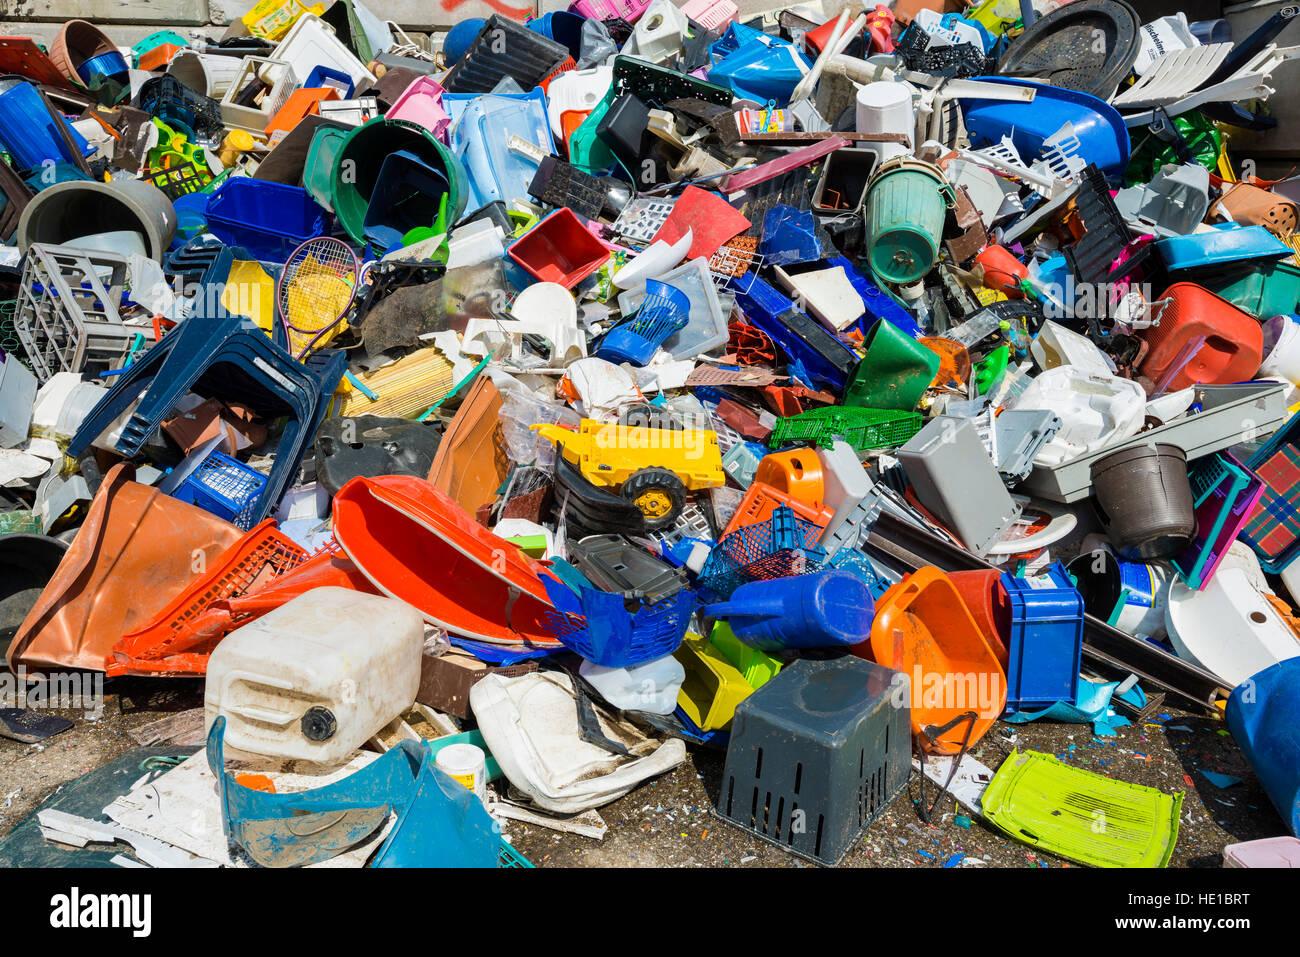 Bunten Müll, Kunststoff-Abfälle zur Verwertung sortiert Stockbild